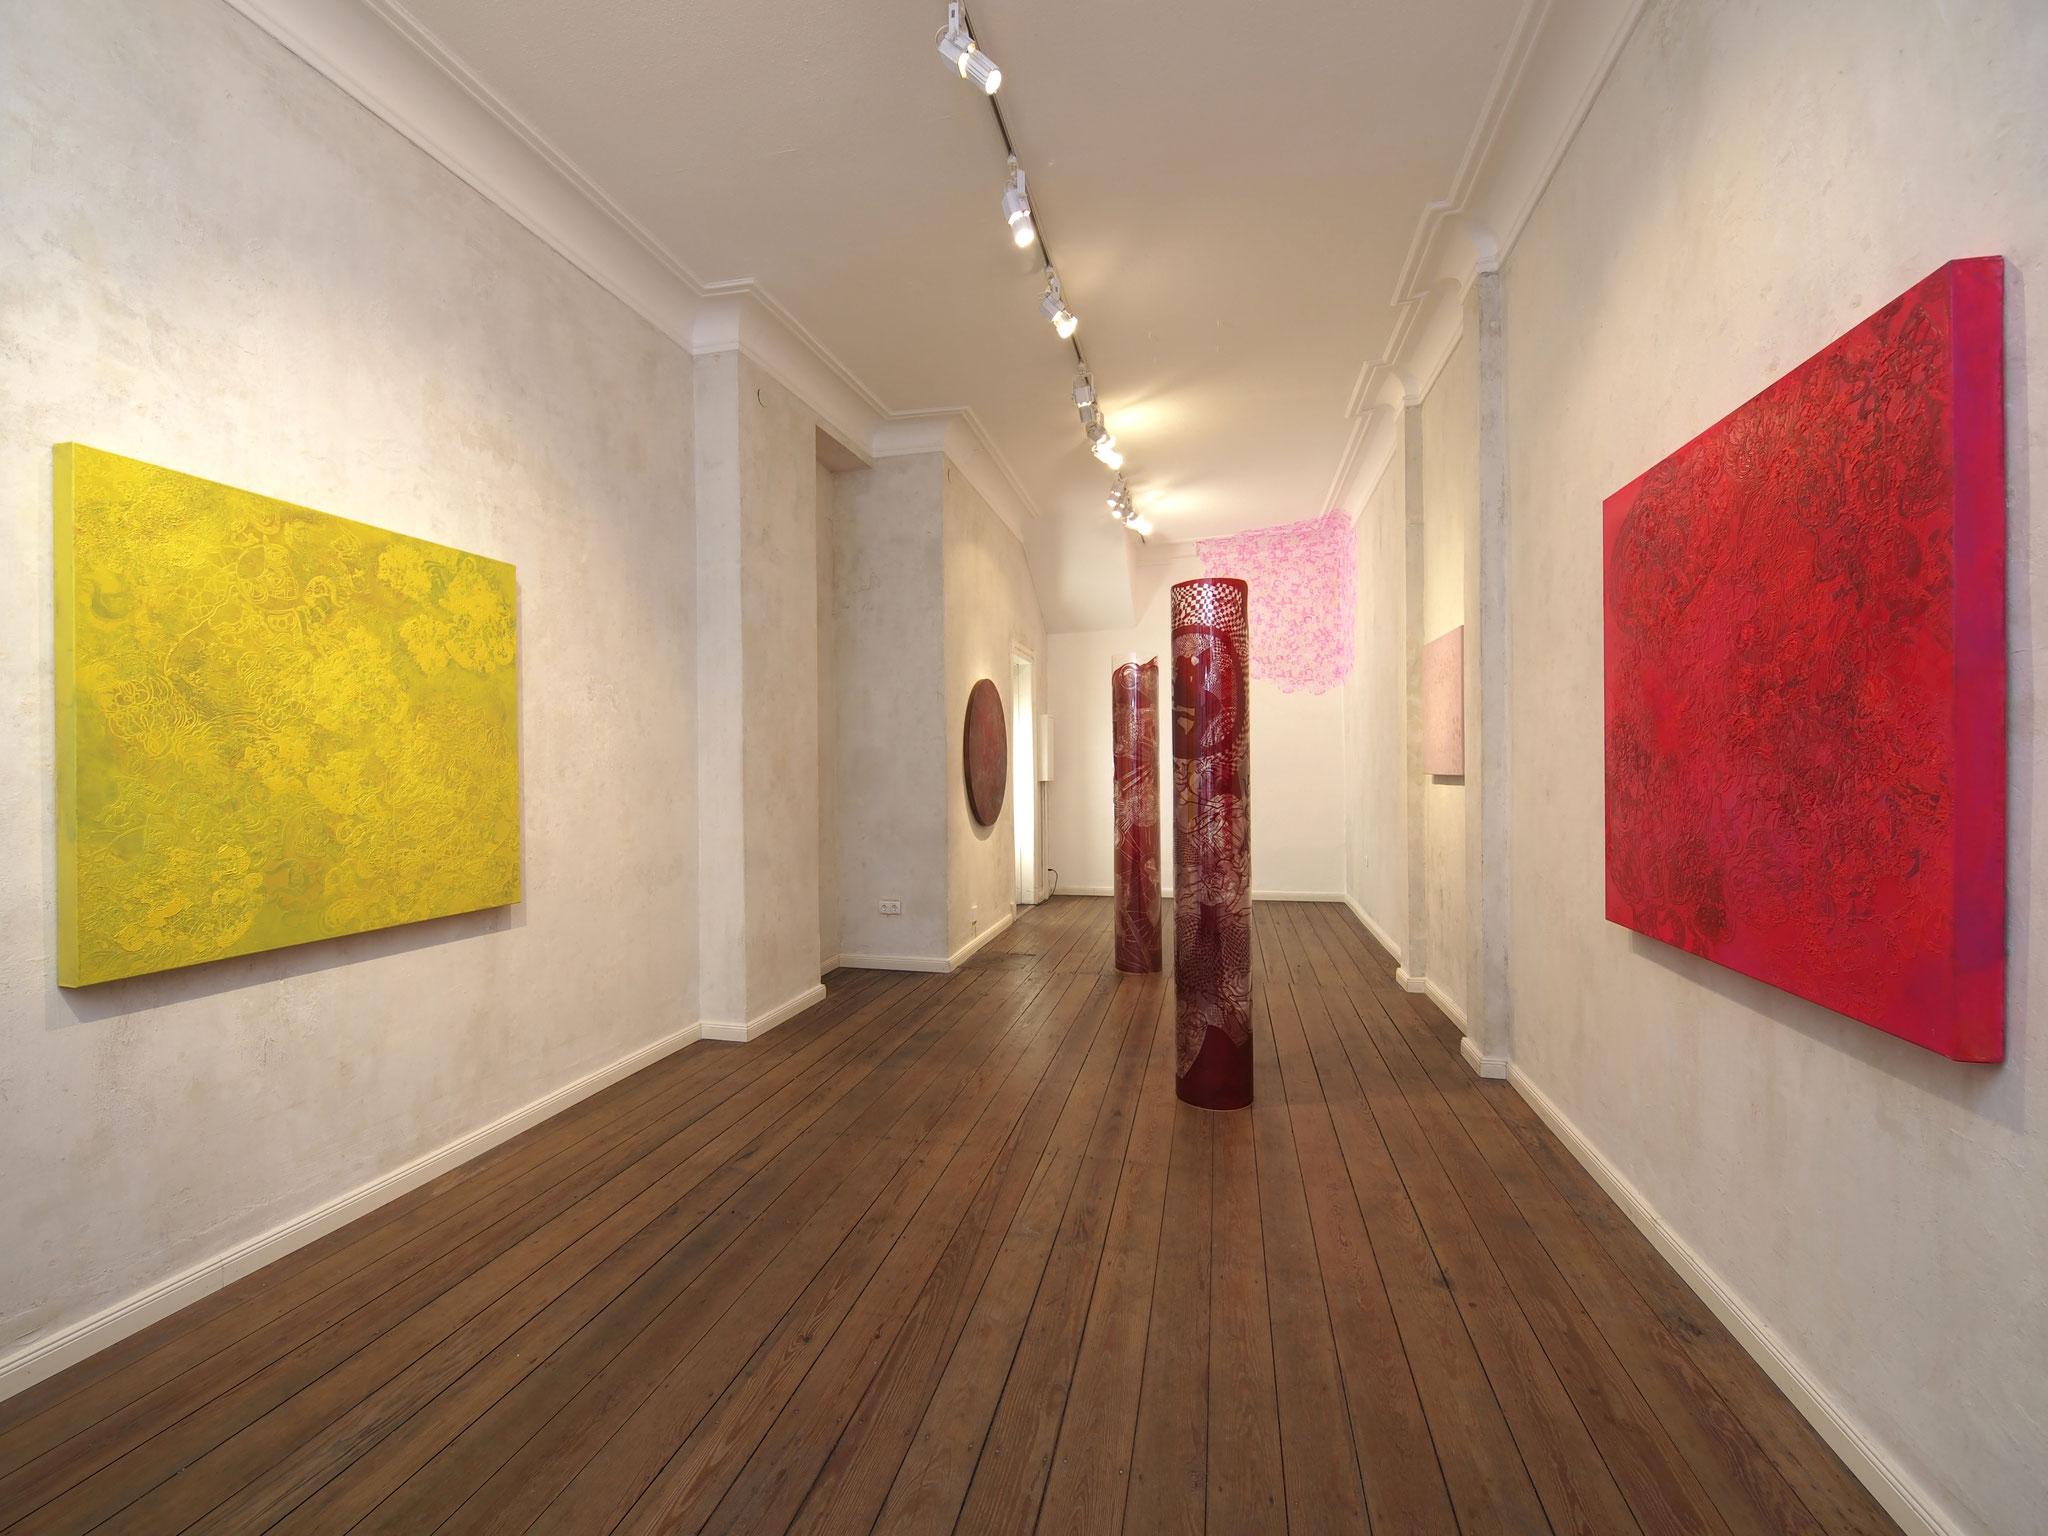 """""""Tempelspur"""", 2012, 120 x 120 cm, Öl auf Leinwand, Ausstellungsansicht: """"Tomorrowland"""", Nachtspeicher, Hamburg, 2012"""